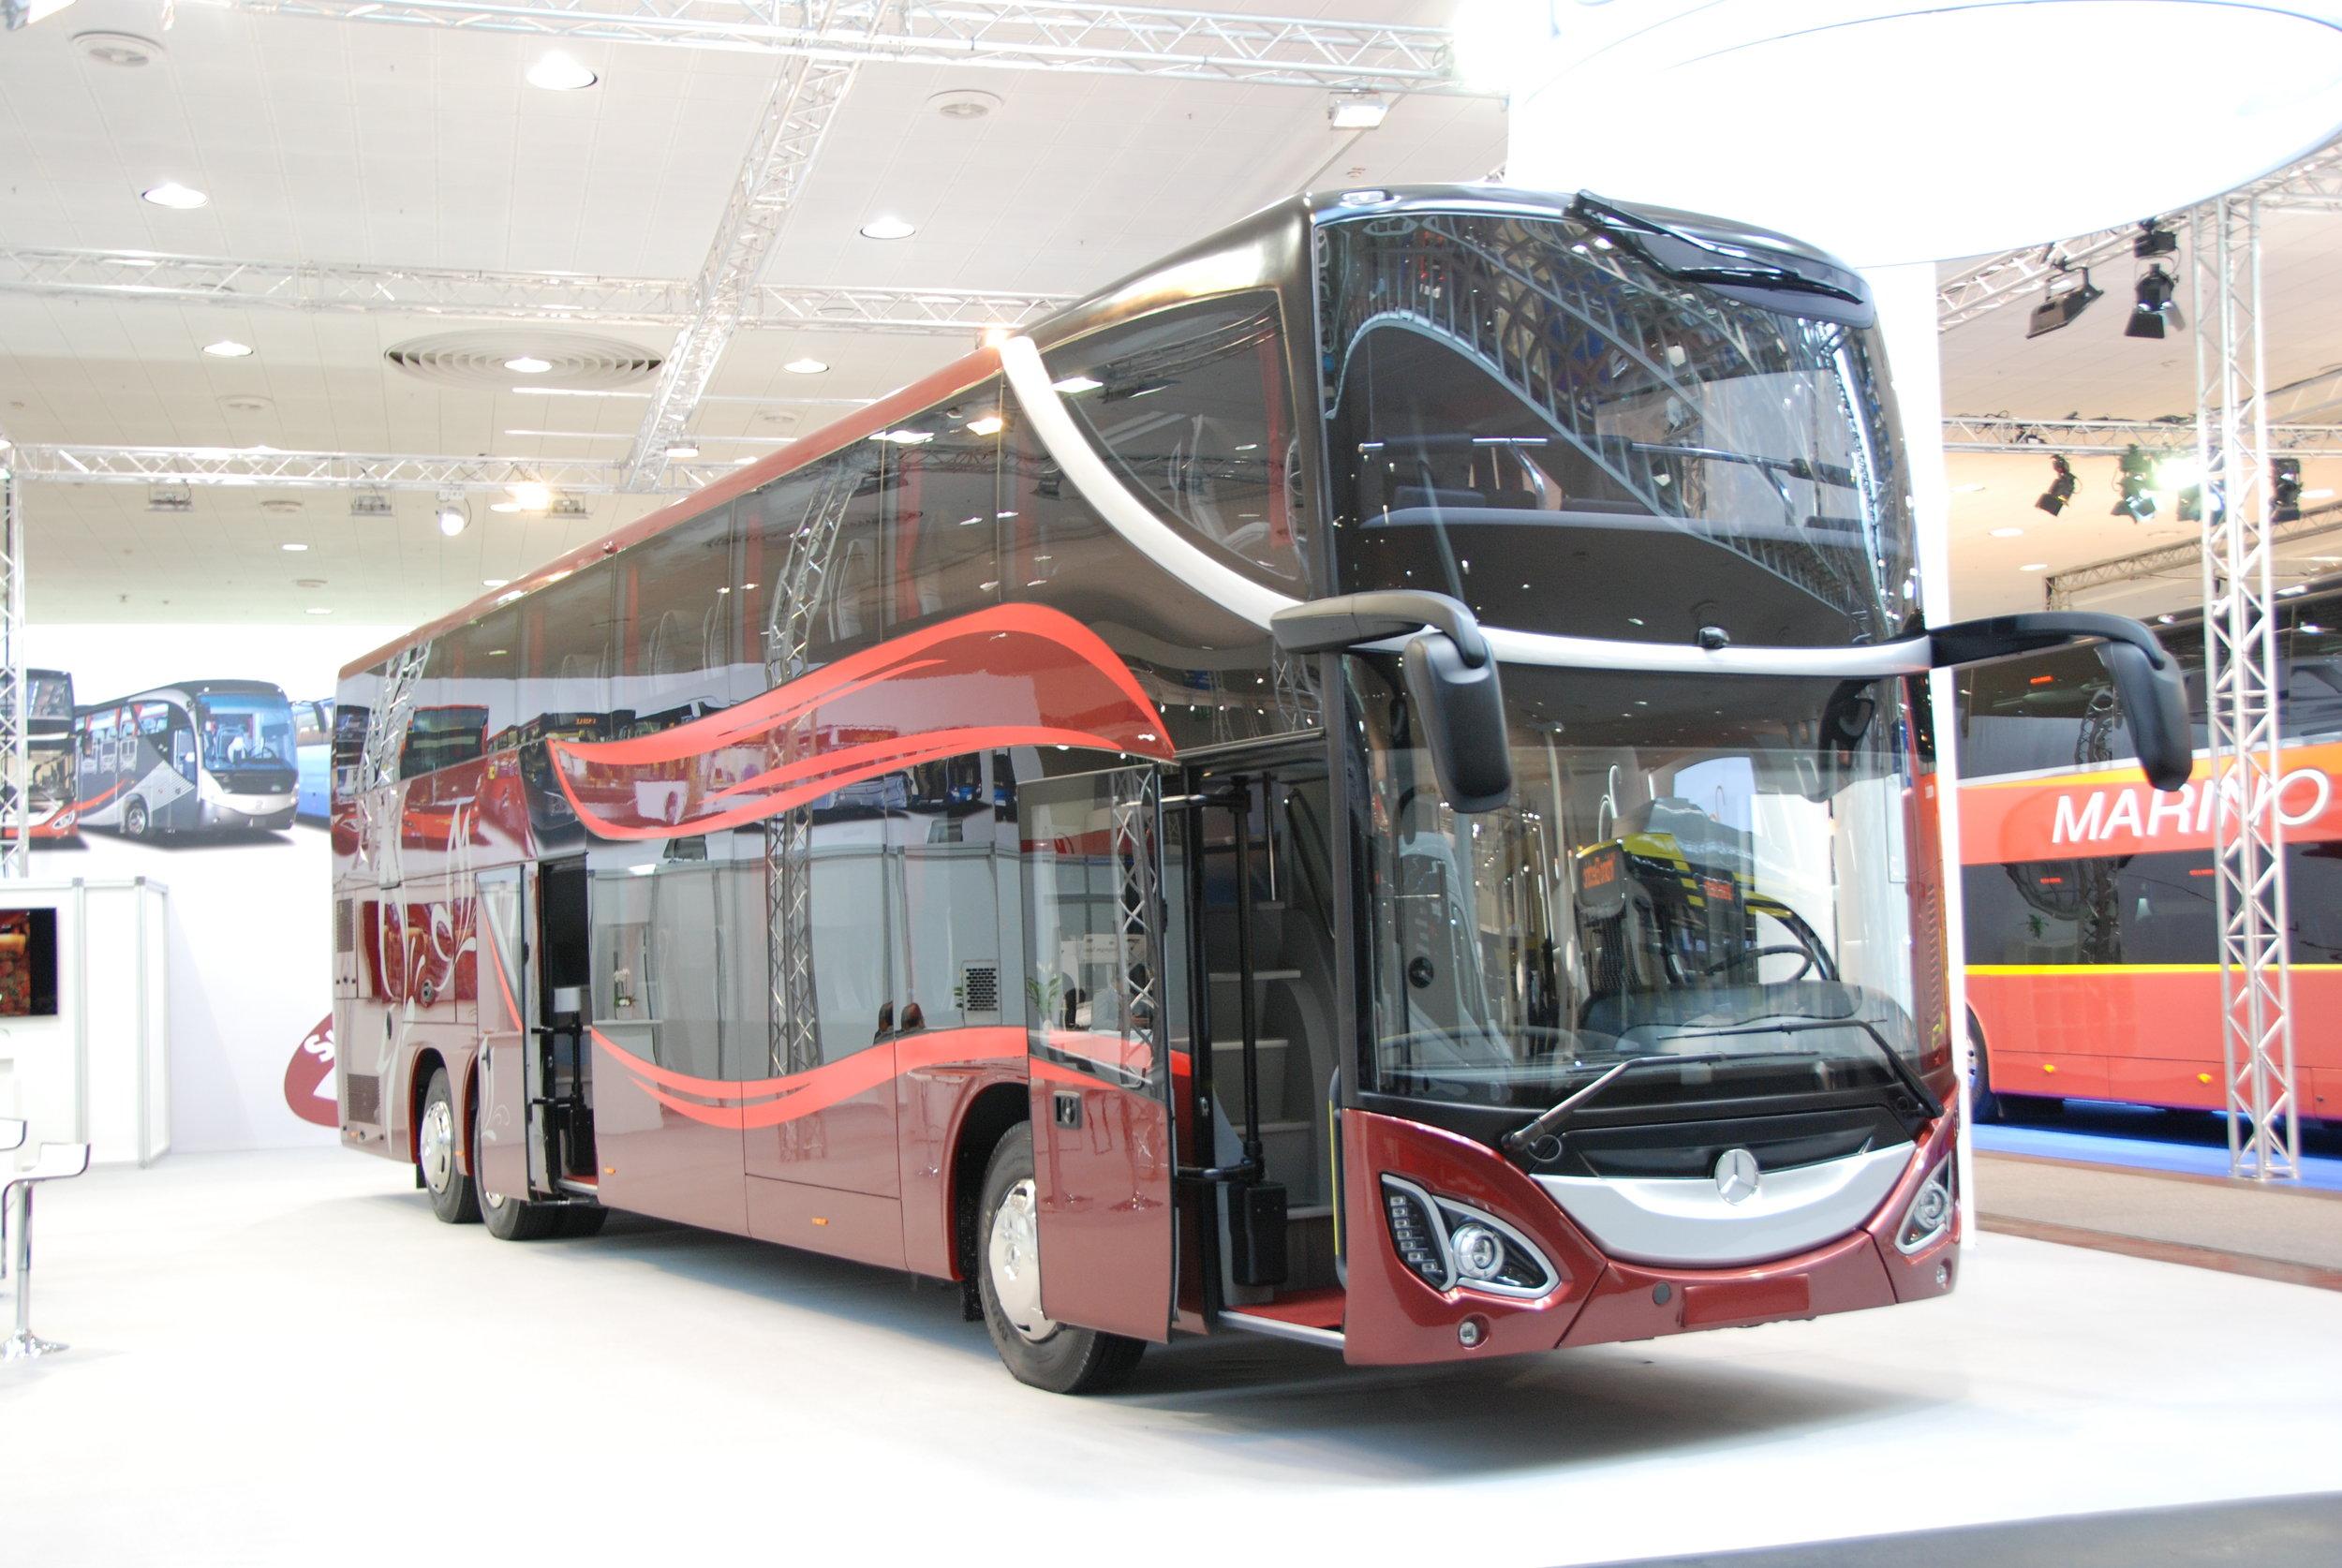 EvoBus staví patrové autobusy pouze na podvozku Setry (typ S431 DT). Na IAA však bylo možné nalézt i patrový Mercedes. Ten však není originálním produktem EvoBusu, ale výsledkem práce nástavbáře. (foto: Libor Hinčica)